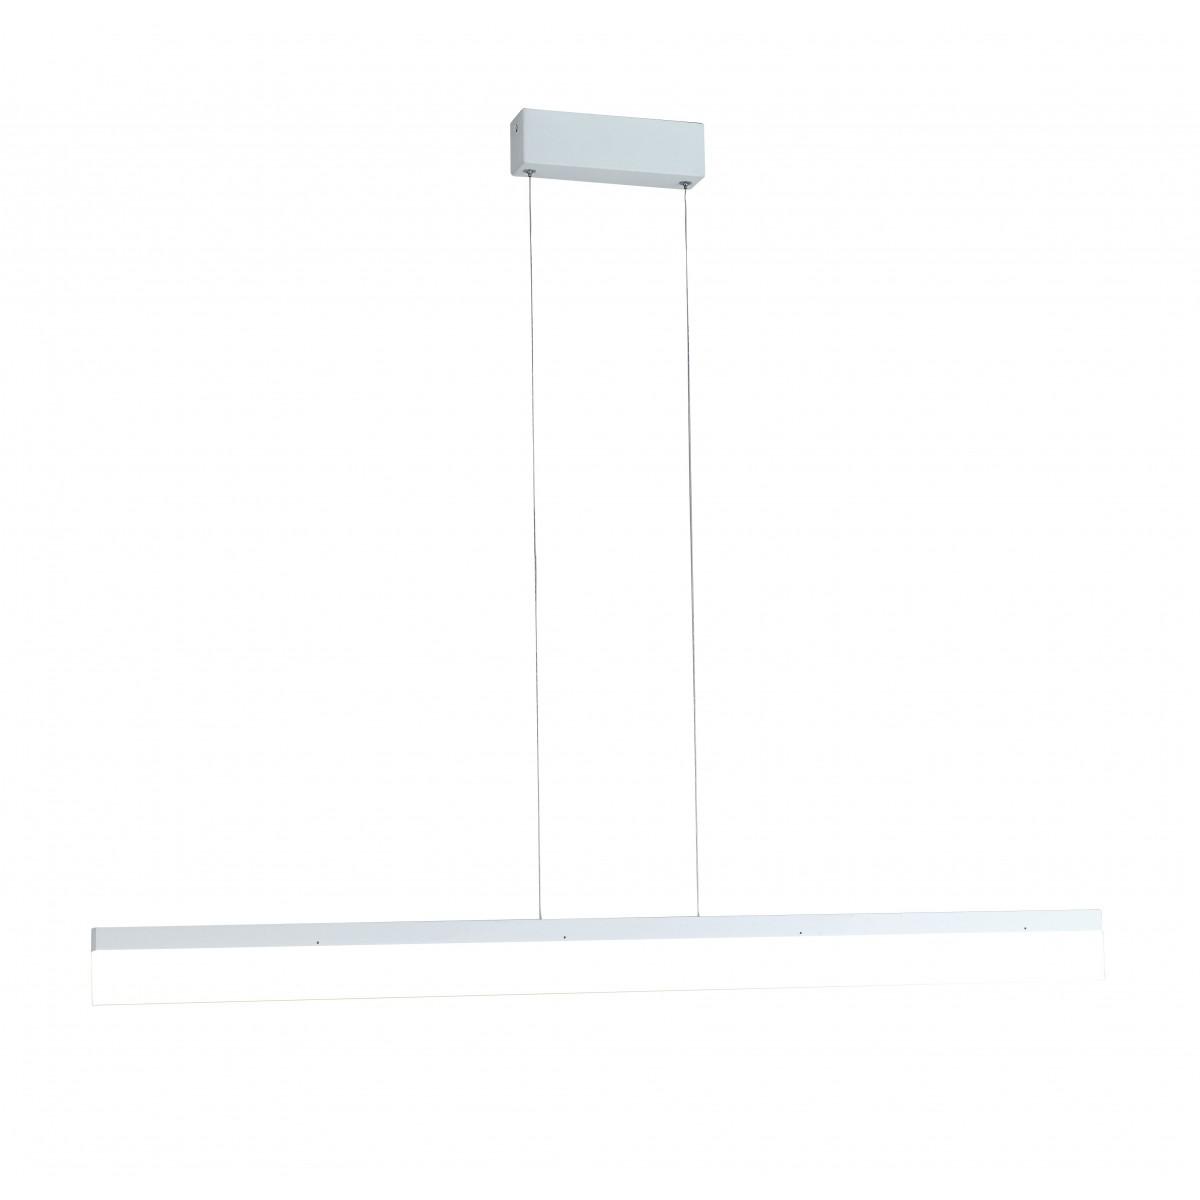 LED-SATURN-S120 - Lampadario a sospensione Rettangolare Bianco Alluminio Acrilico Led 36 watt Luce Naturale